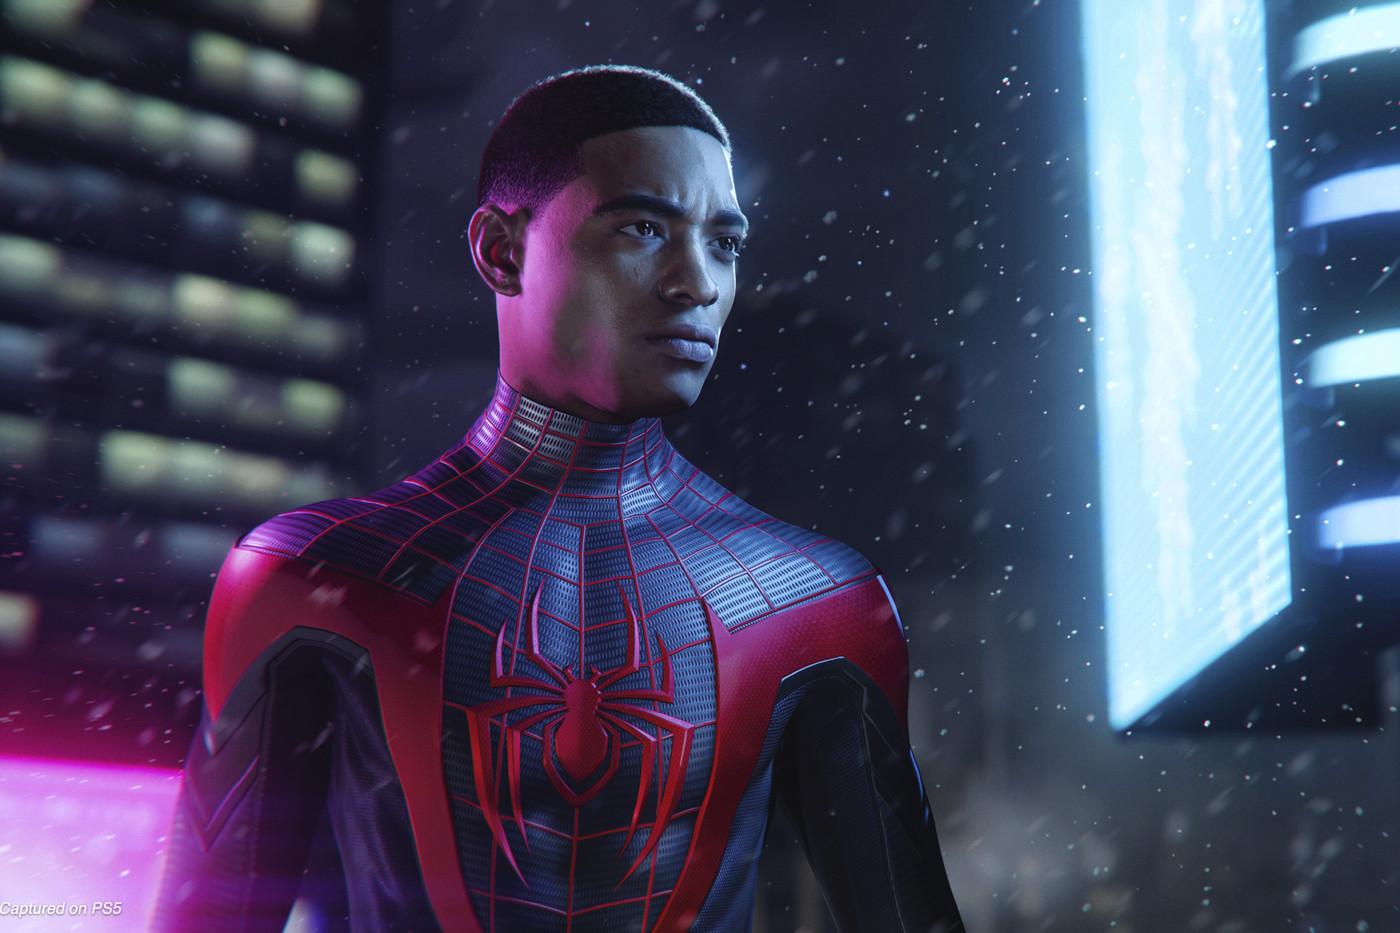 MARVEL X PLAYSTATION X SUPERSTAR J 'SPIDER-MAN: MIL